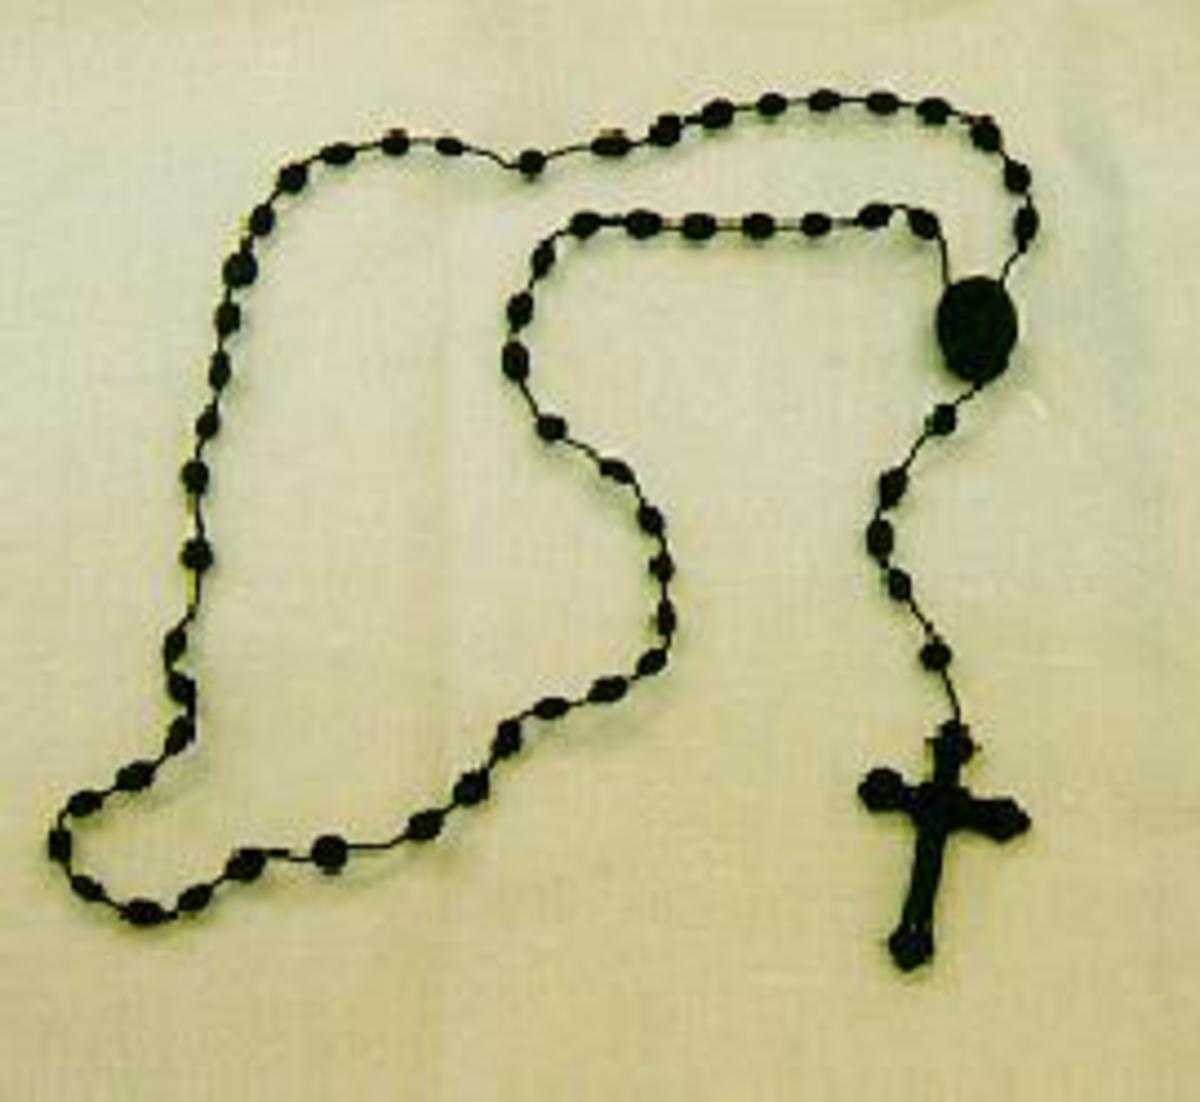 A 10-bead rosary